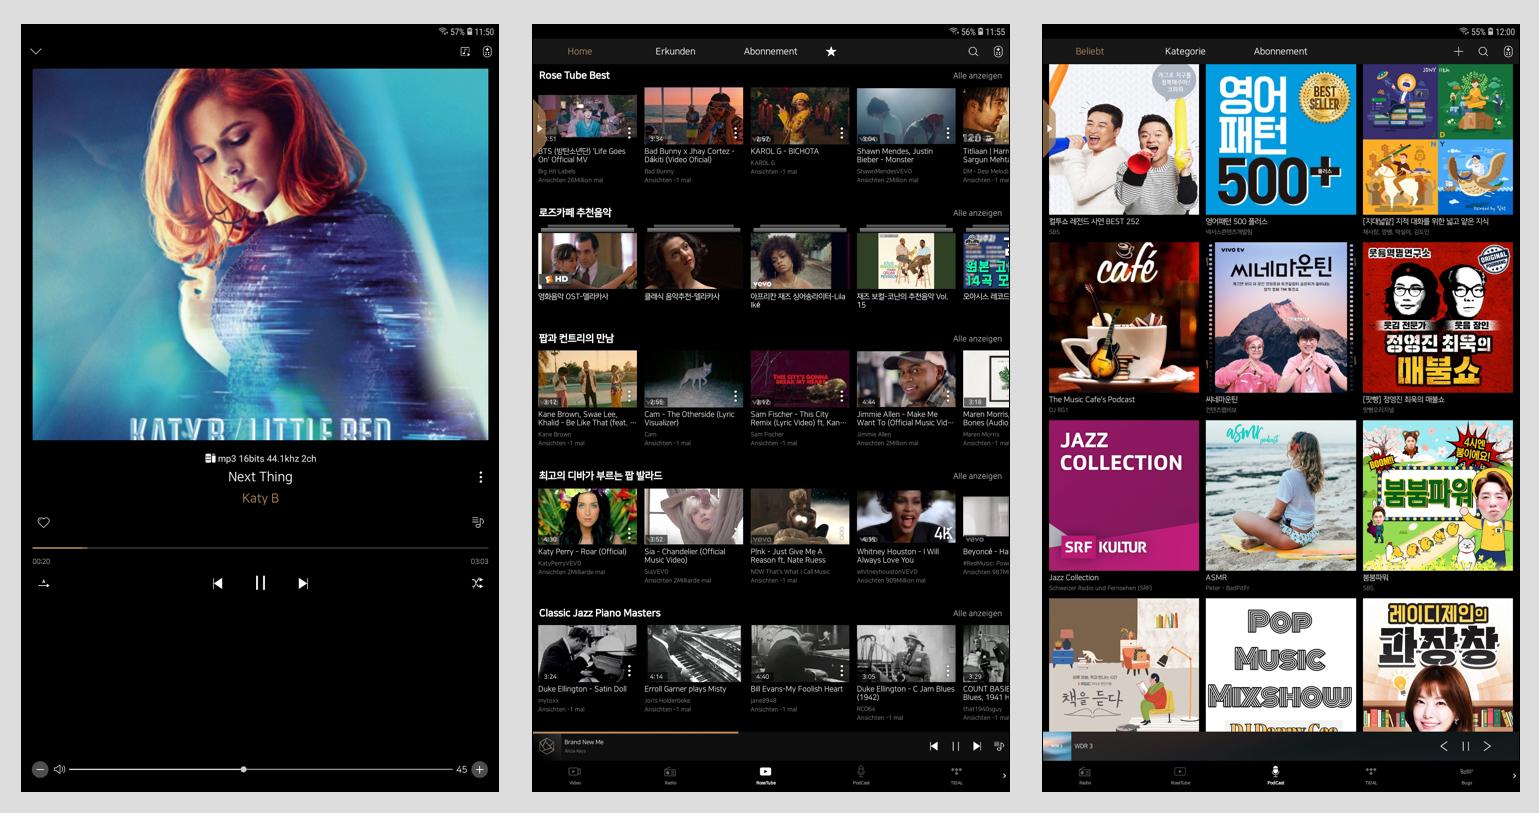 Die Rose Connect Premium-App bietet, wenn auch mit etwas kleinen Icons, die gewohnten Features wie, Trackwiederholung, Playlist-Wiederholung, Favoriten-Kennzeichnun oder Shuffle Play sowie Infos zum Song (Bild 1). Für viel Spaß und spannende Entdeckungen sorgen das Stöbern im RoseTube-Kanal, über den man aber auch das komplette YouTube-Angebot erreicht (Bild 2), und der Podcast-Bereich, der ein üppiges Angebot an englischen und koreanischen Beiträgen bietet.